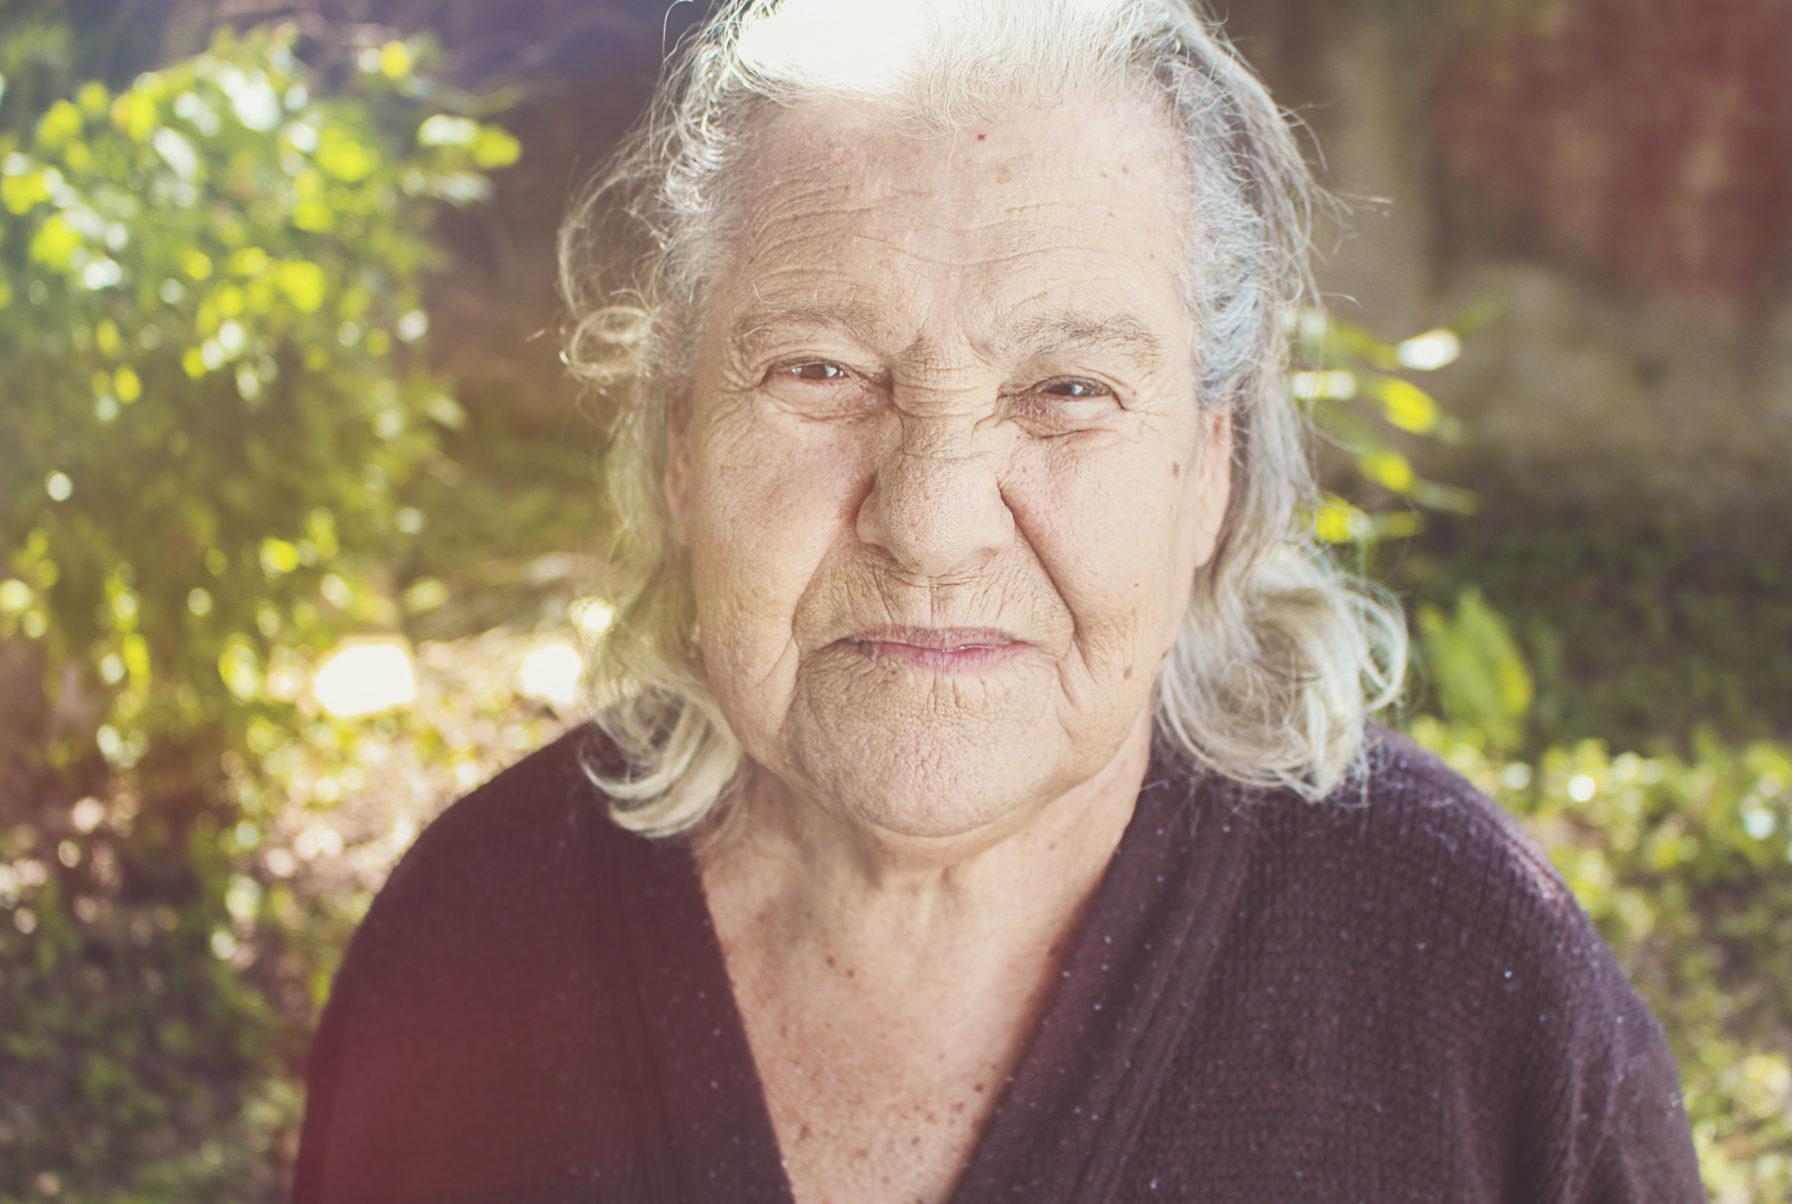 Fotografando Amor | Os 80 anos da vovó